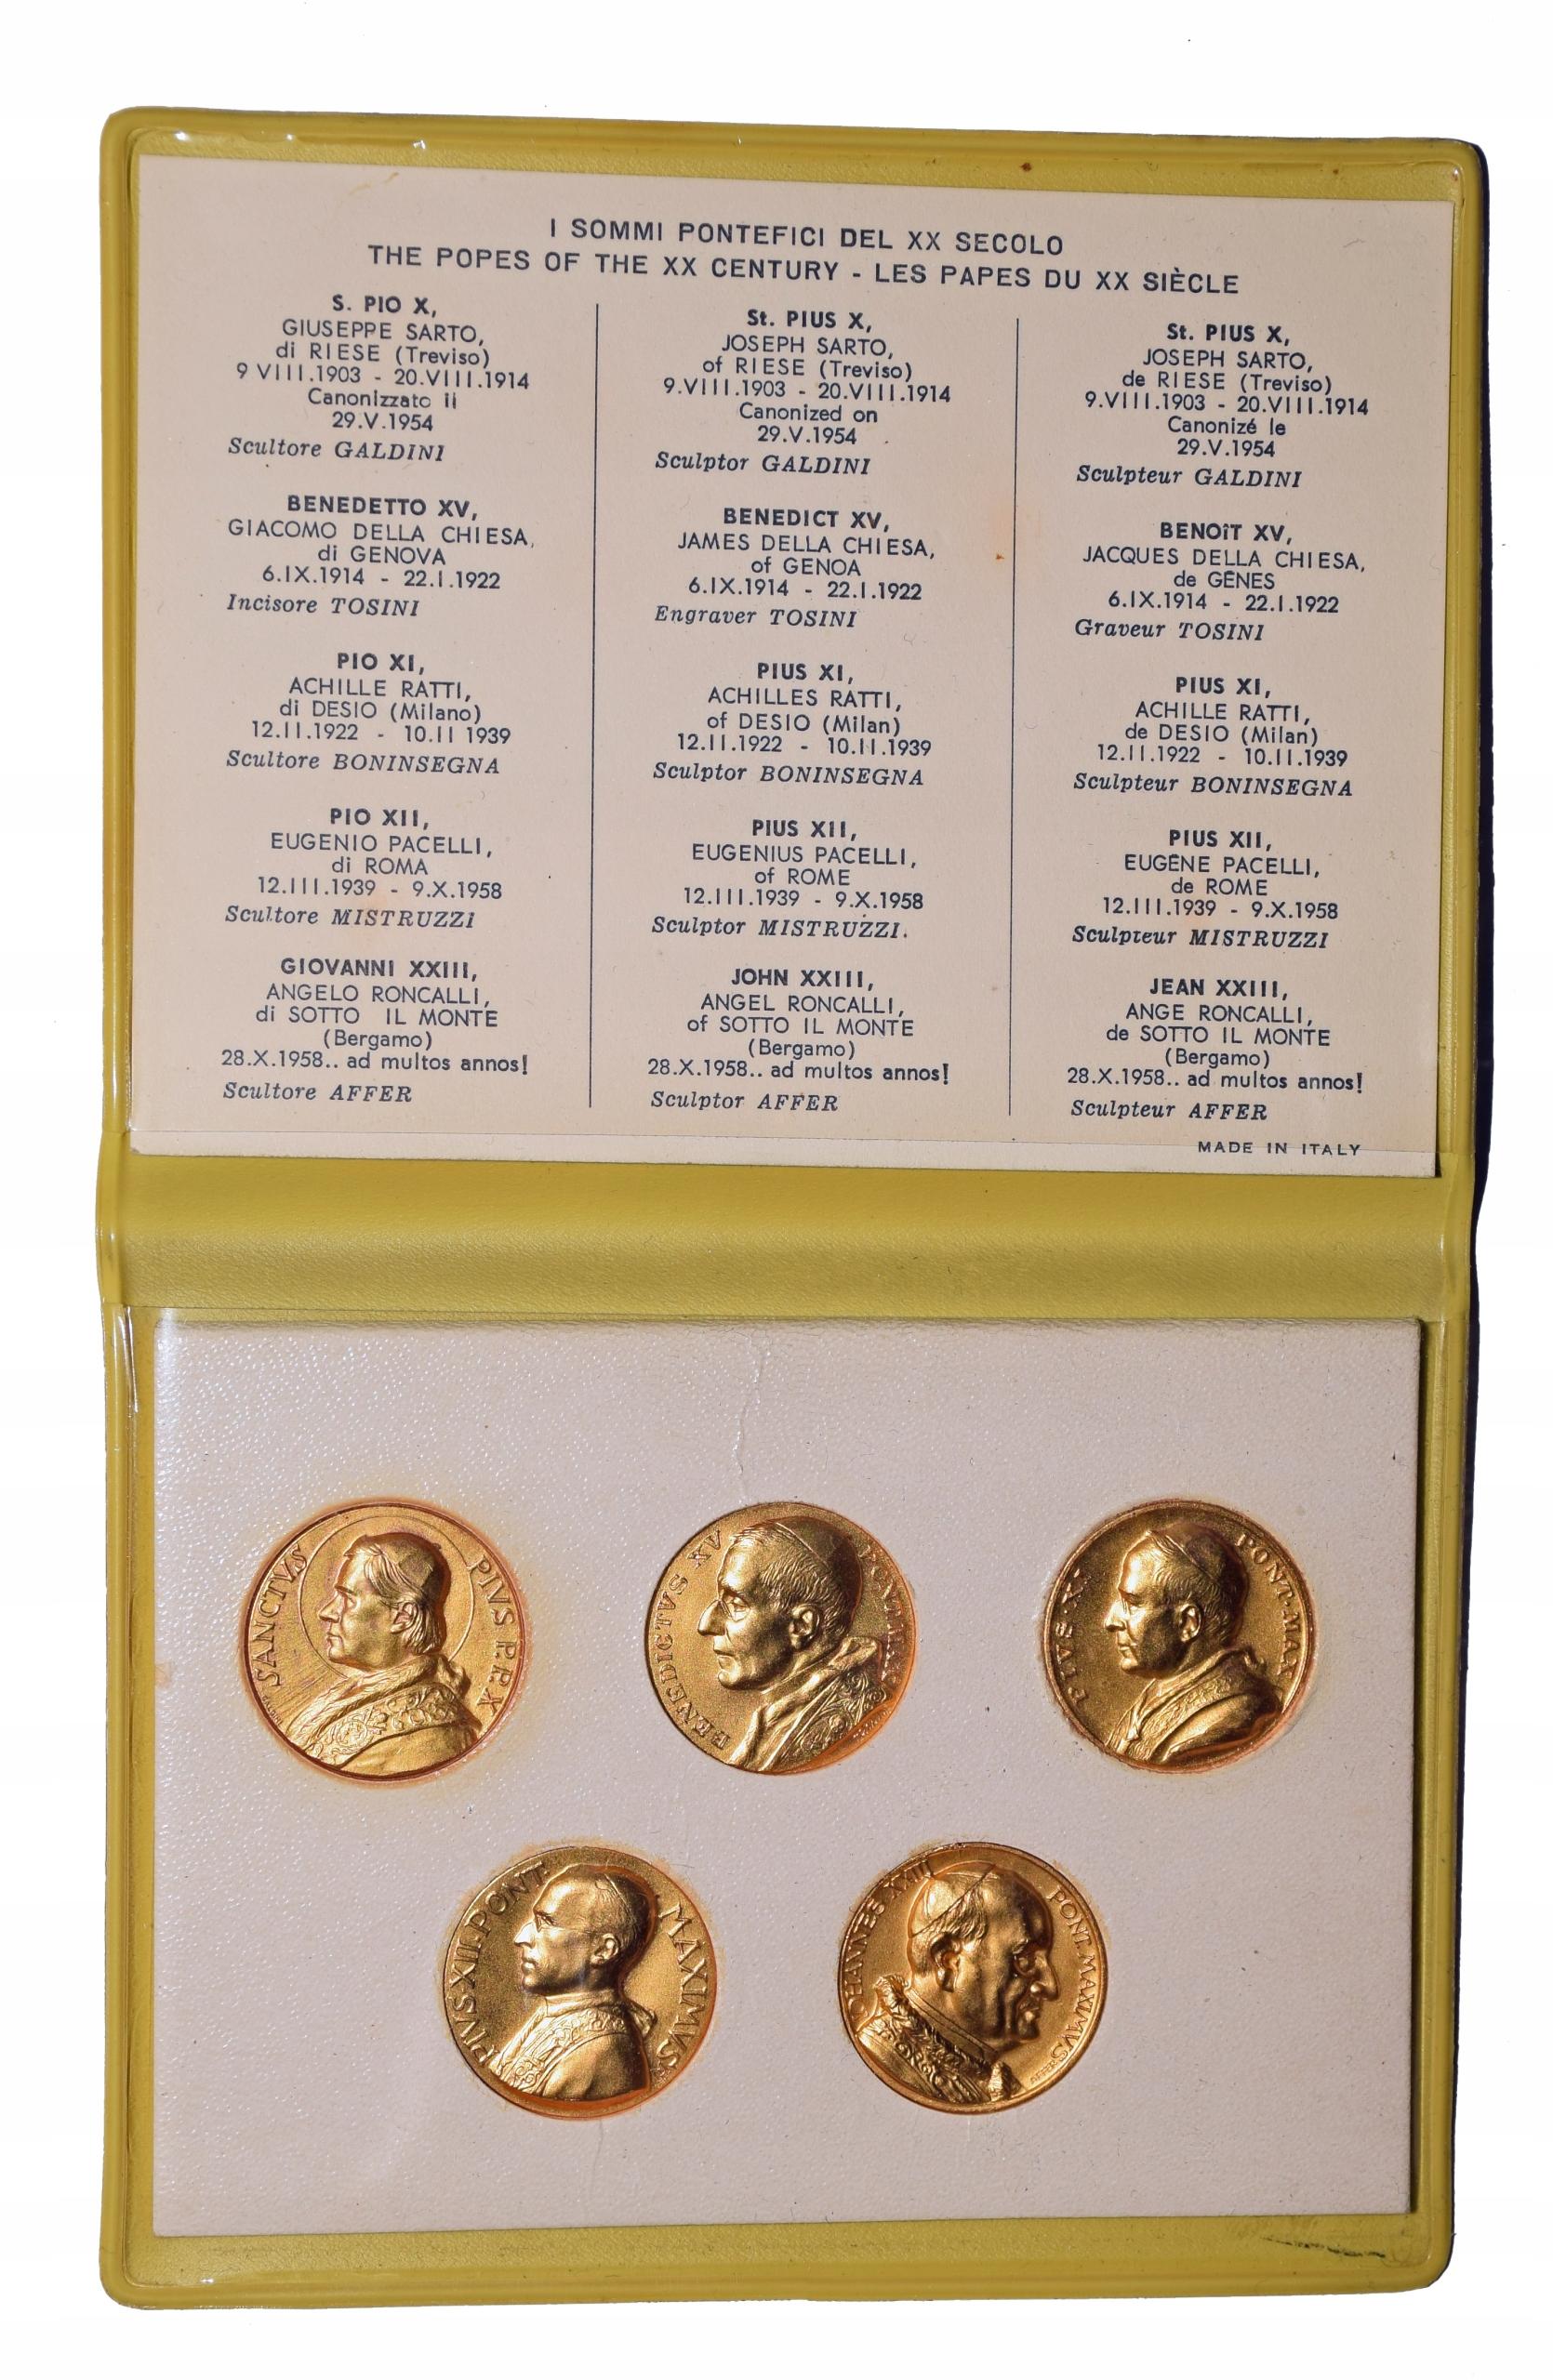 Medale papieskie złocone zestaw do Jana XXIII